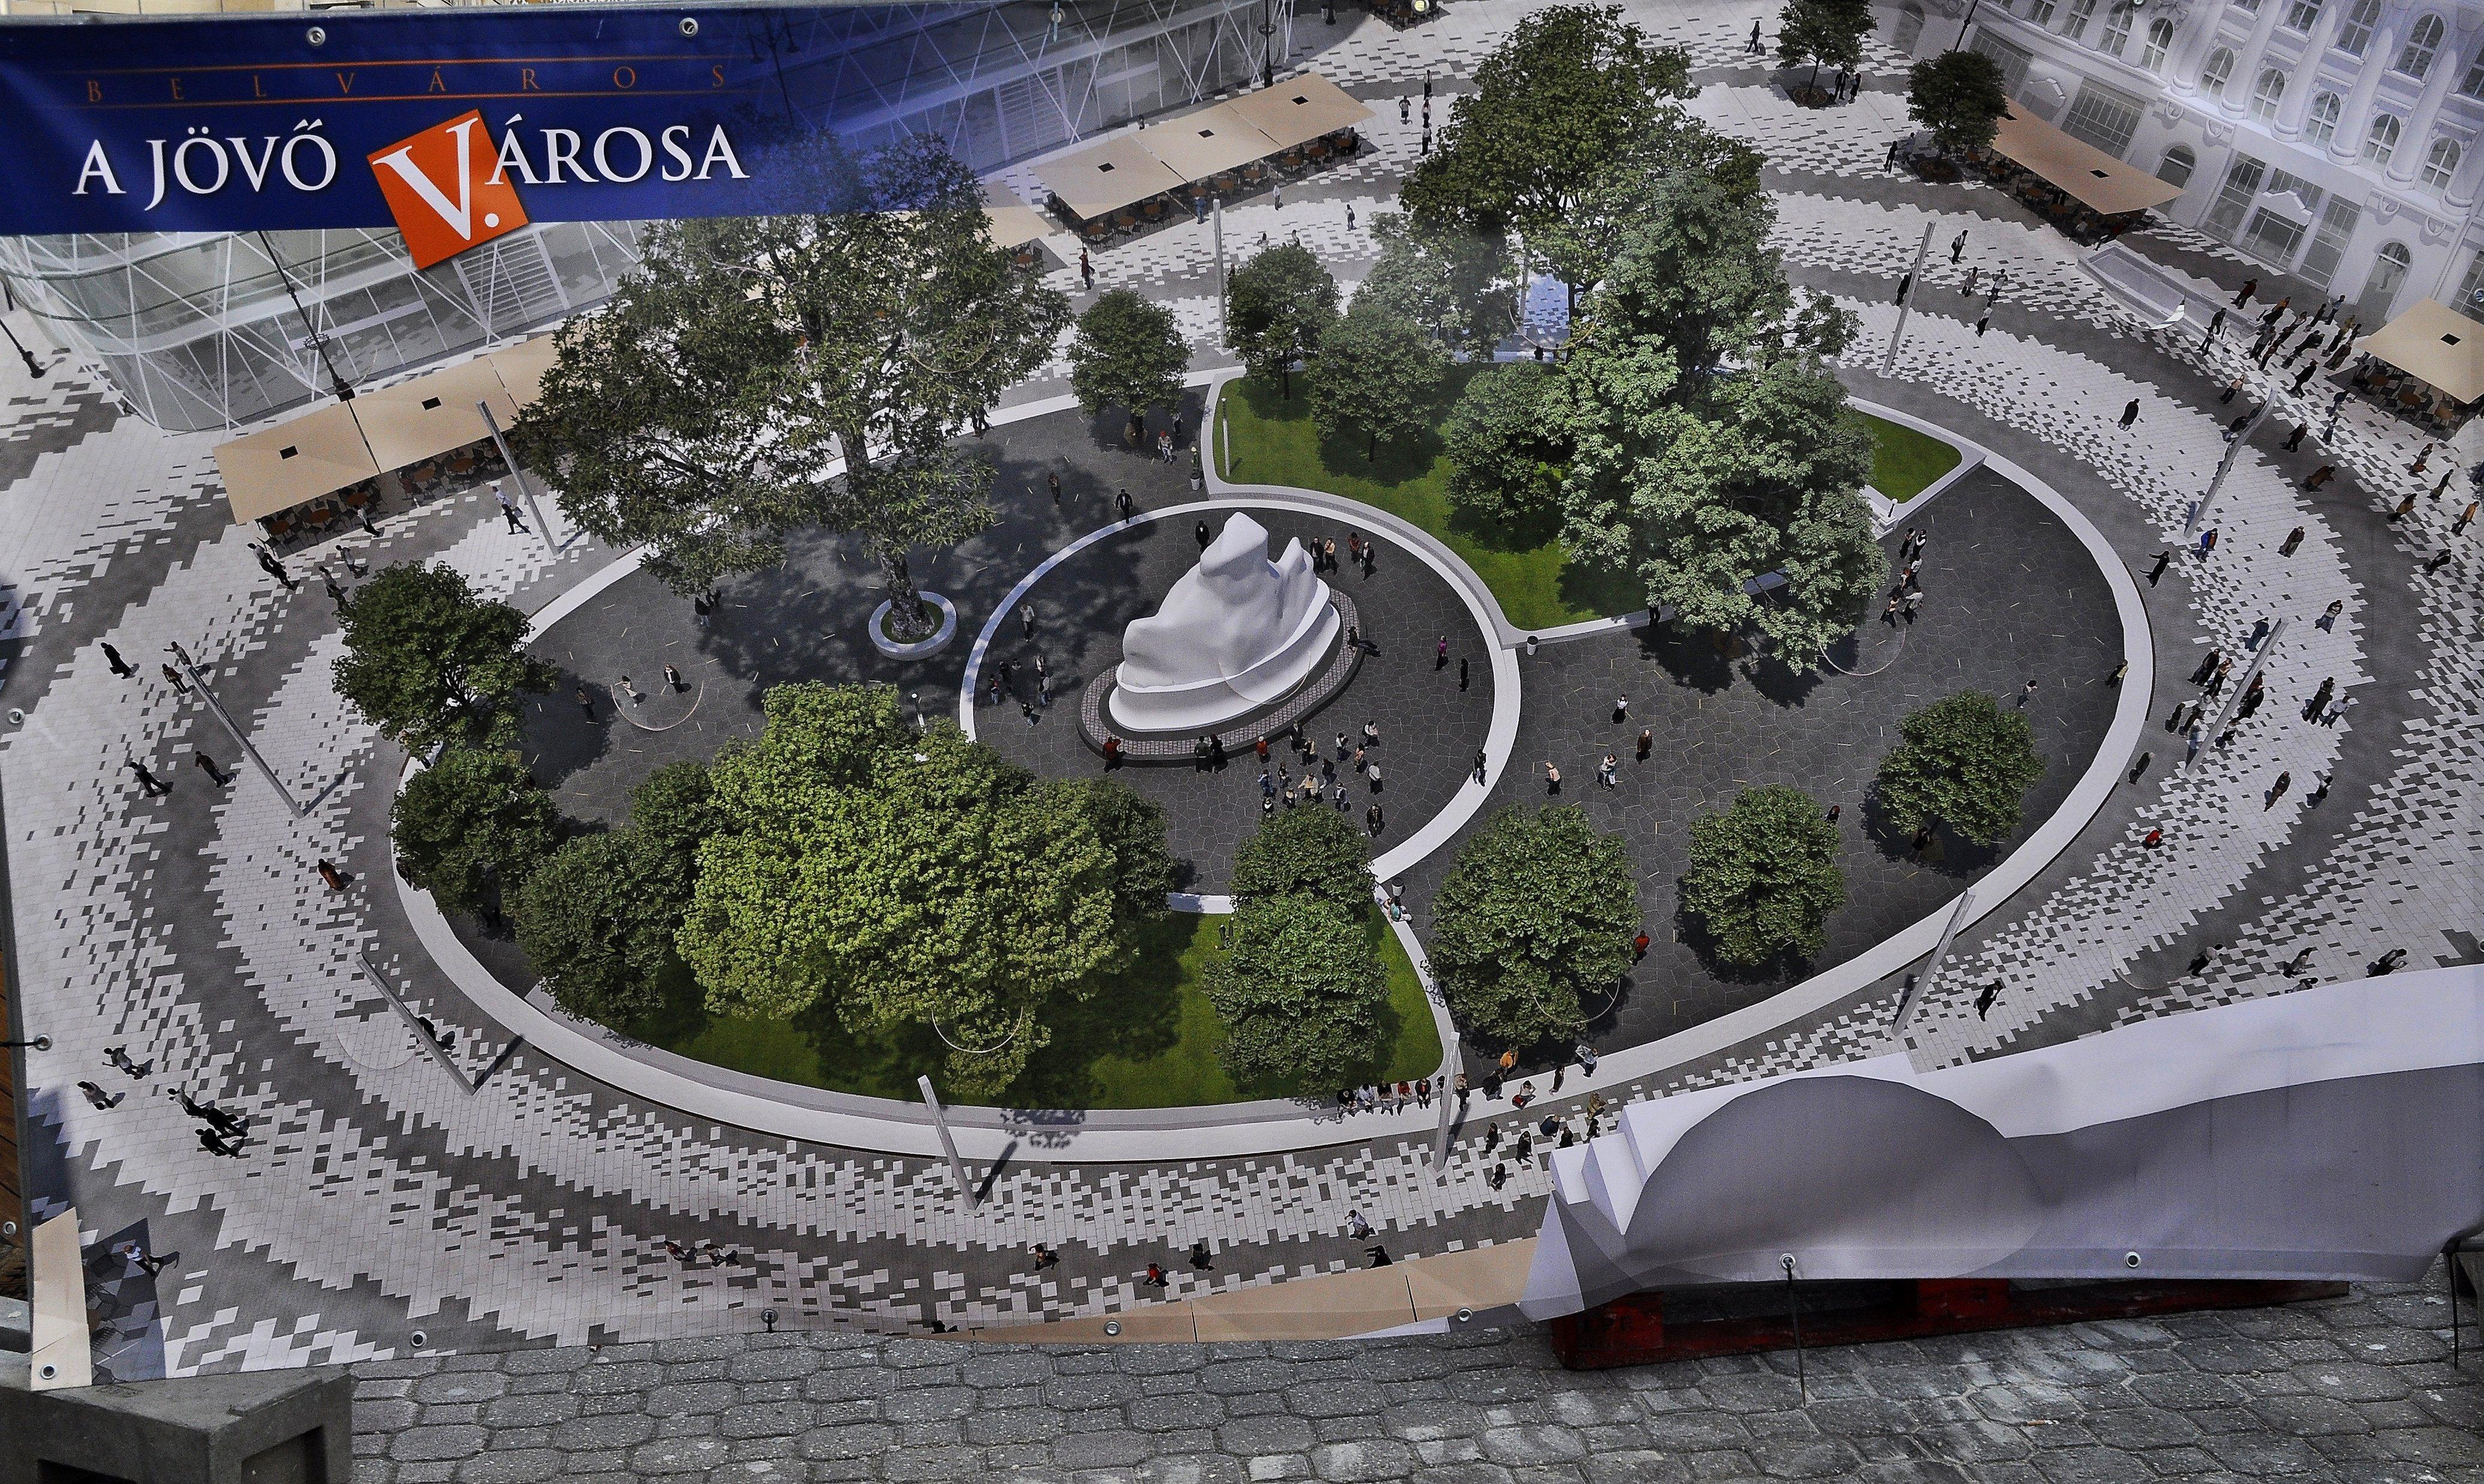 Így fog kinézni a Vörösmarty tér